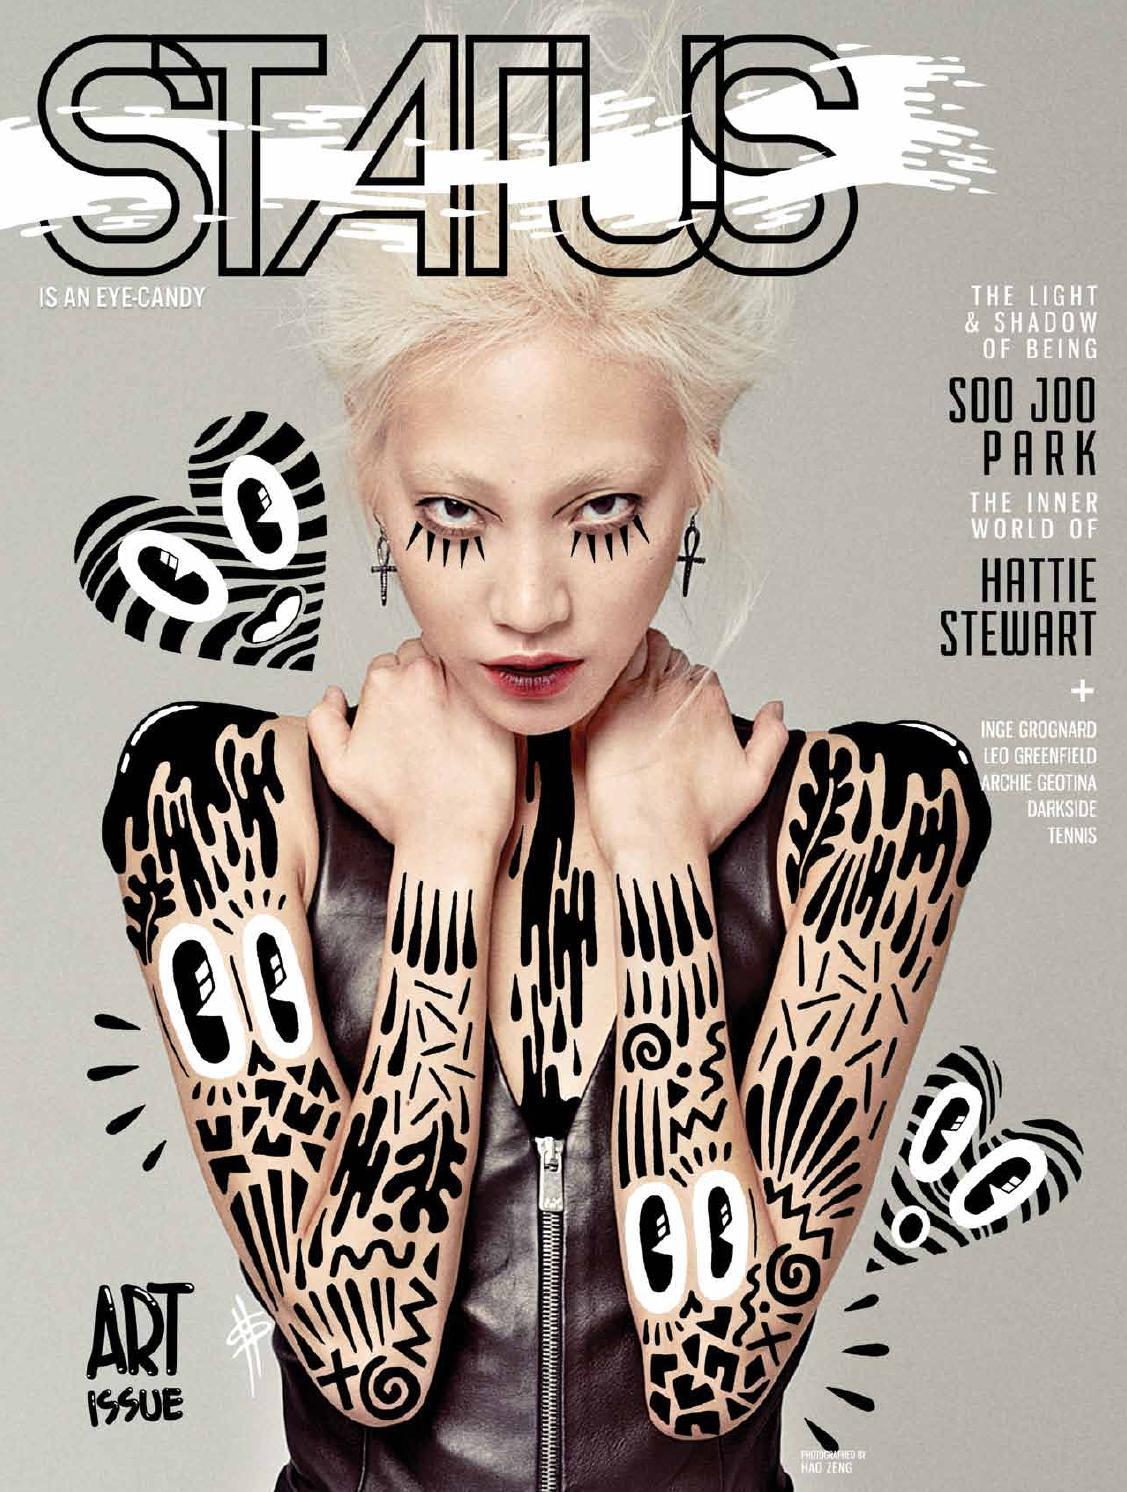 af36d5c294f5 STATUS Magazine feat. Soo Joo Park by STATUS Magazine - issuu